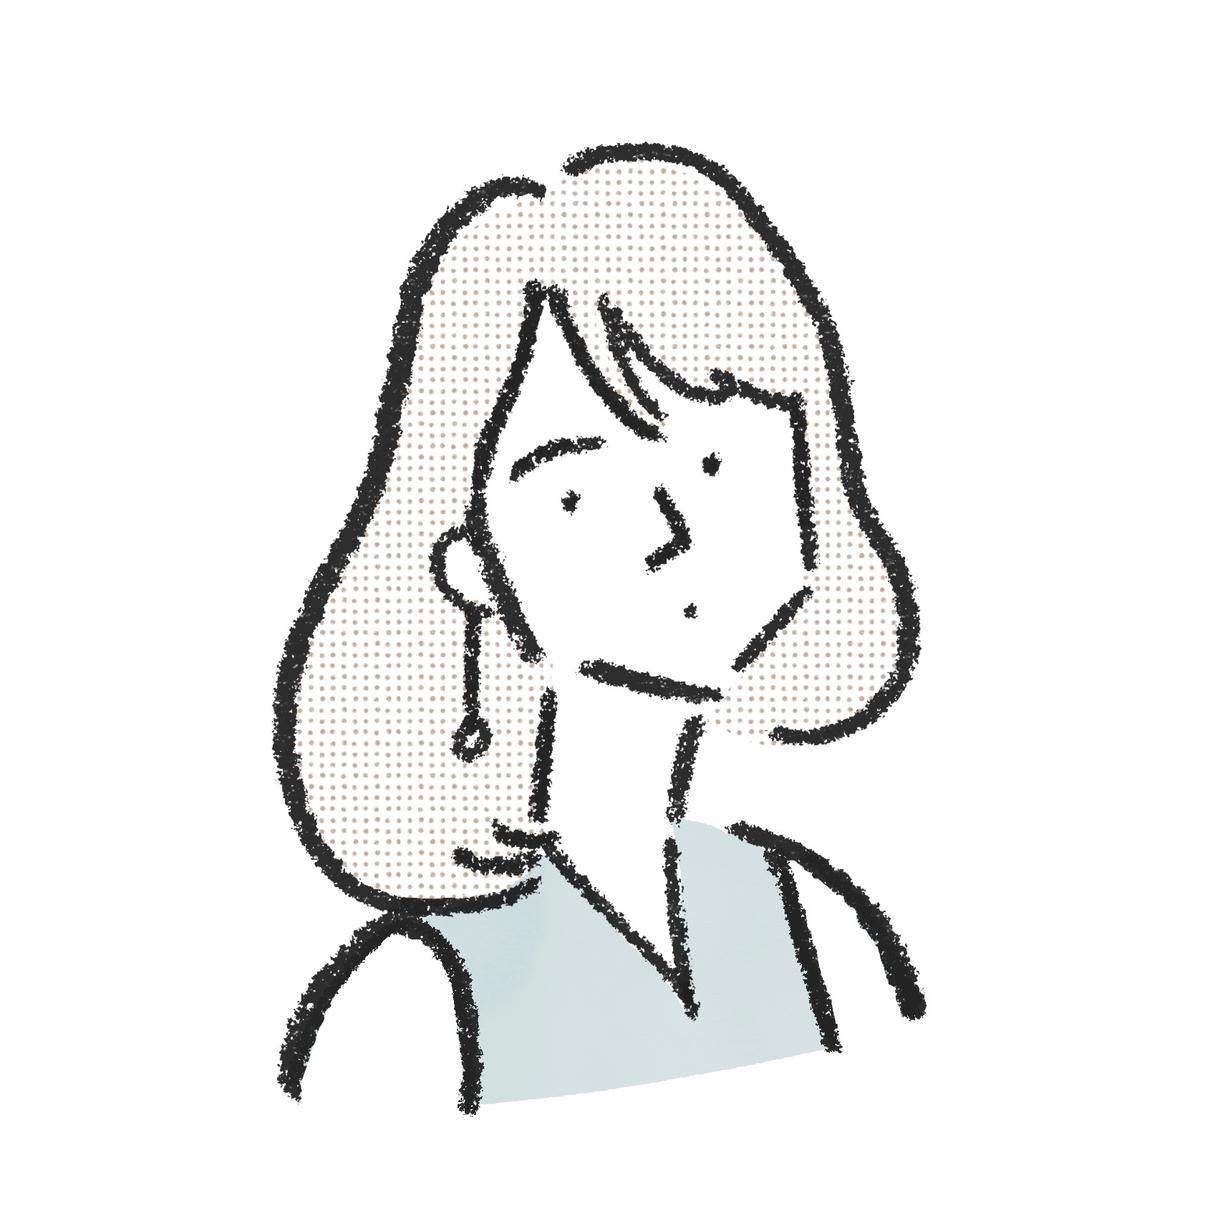 あなたの似顔絵をゆるっとズバッとシンプルに描きます 空気感重視のイラストをお届けします イメージ1